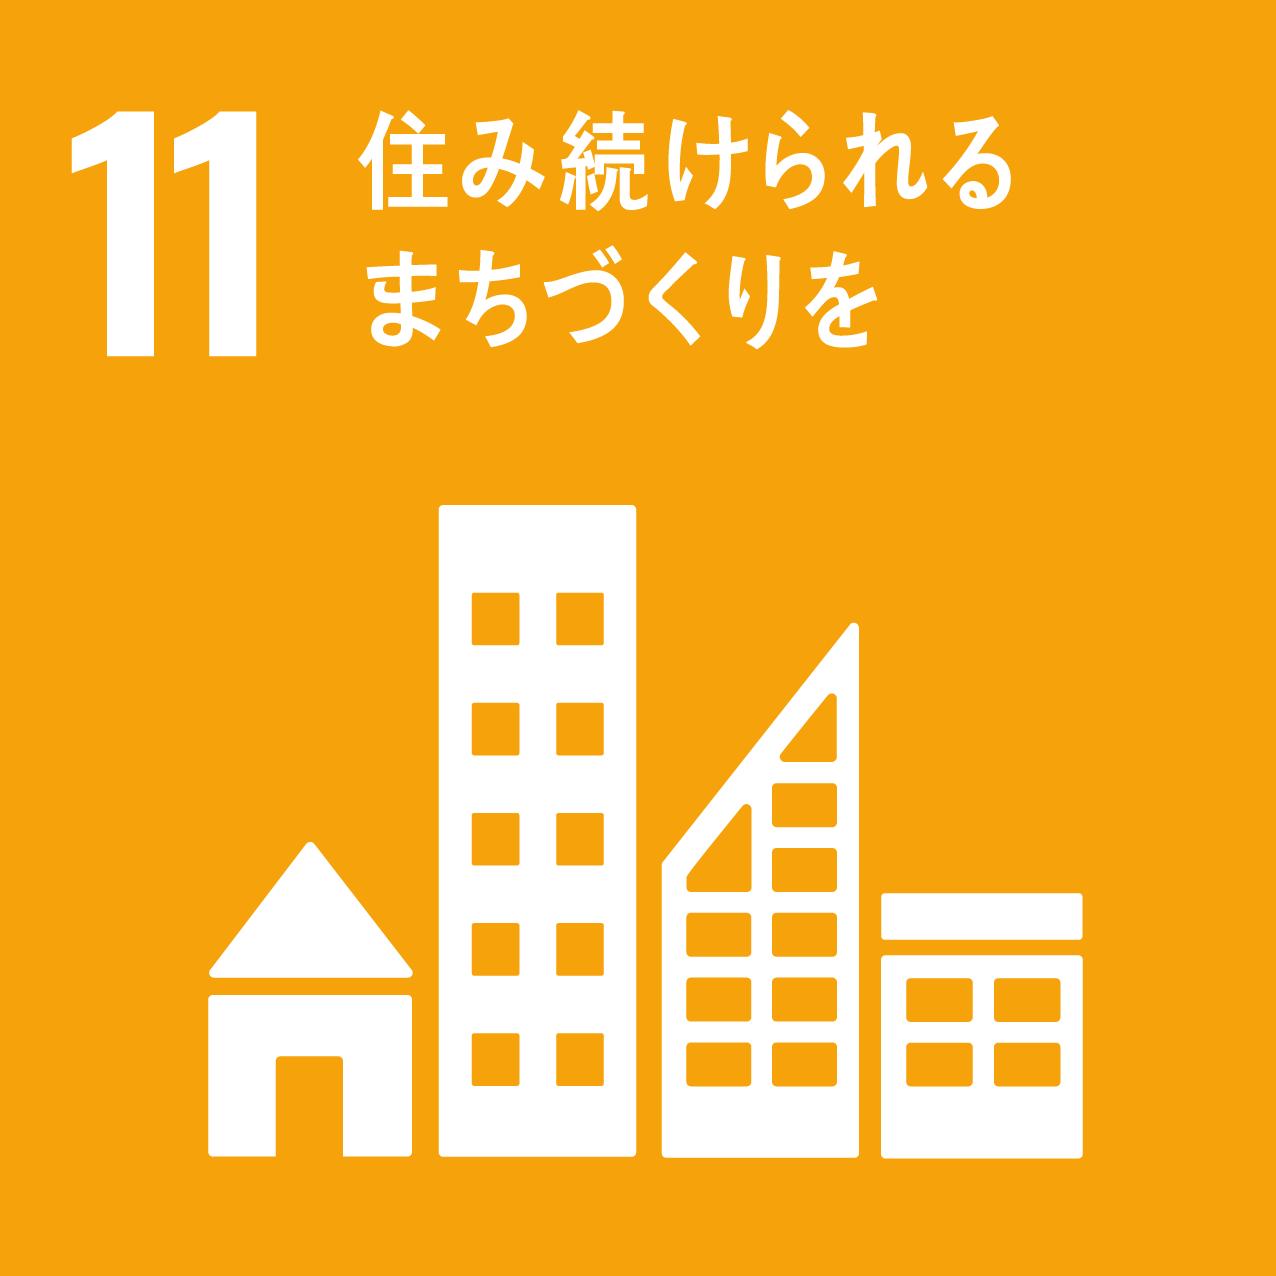 SDG's icon No11